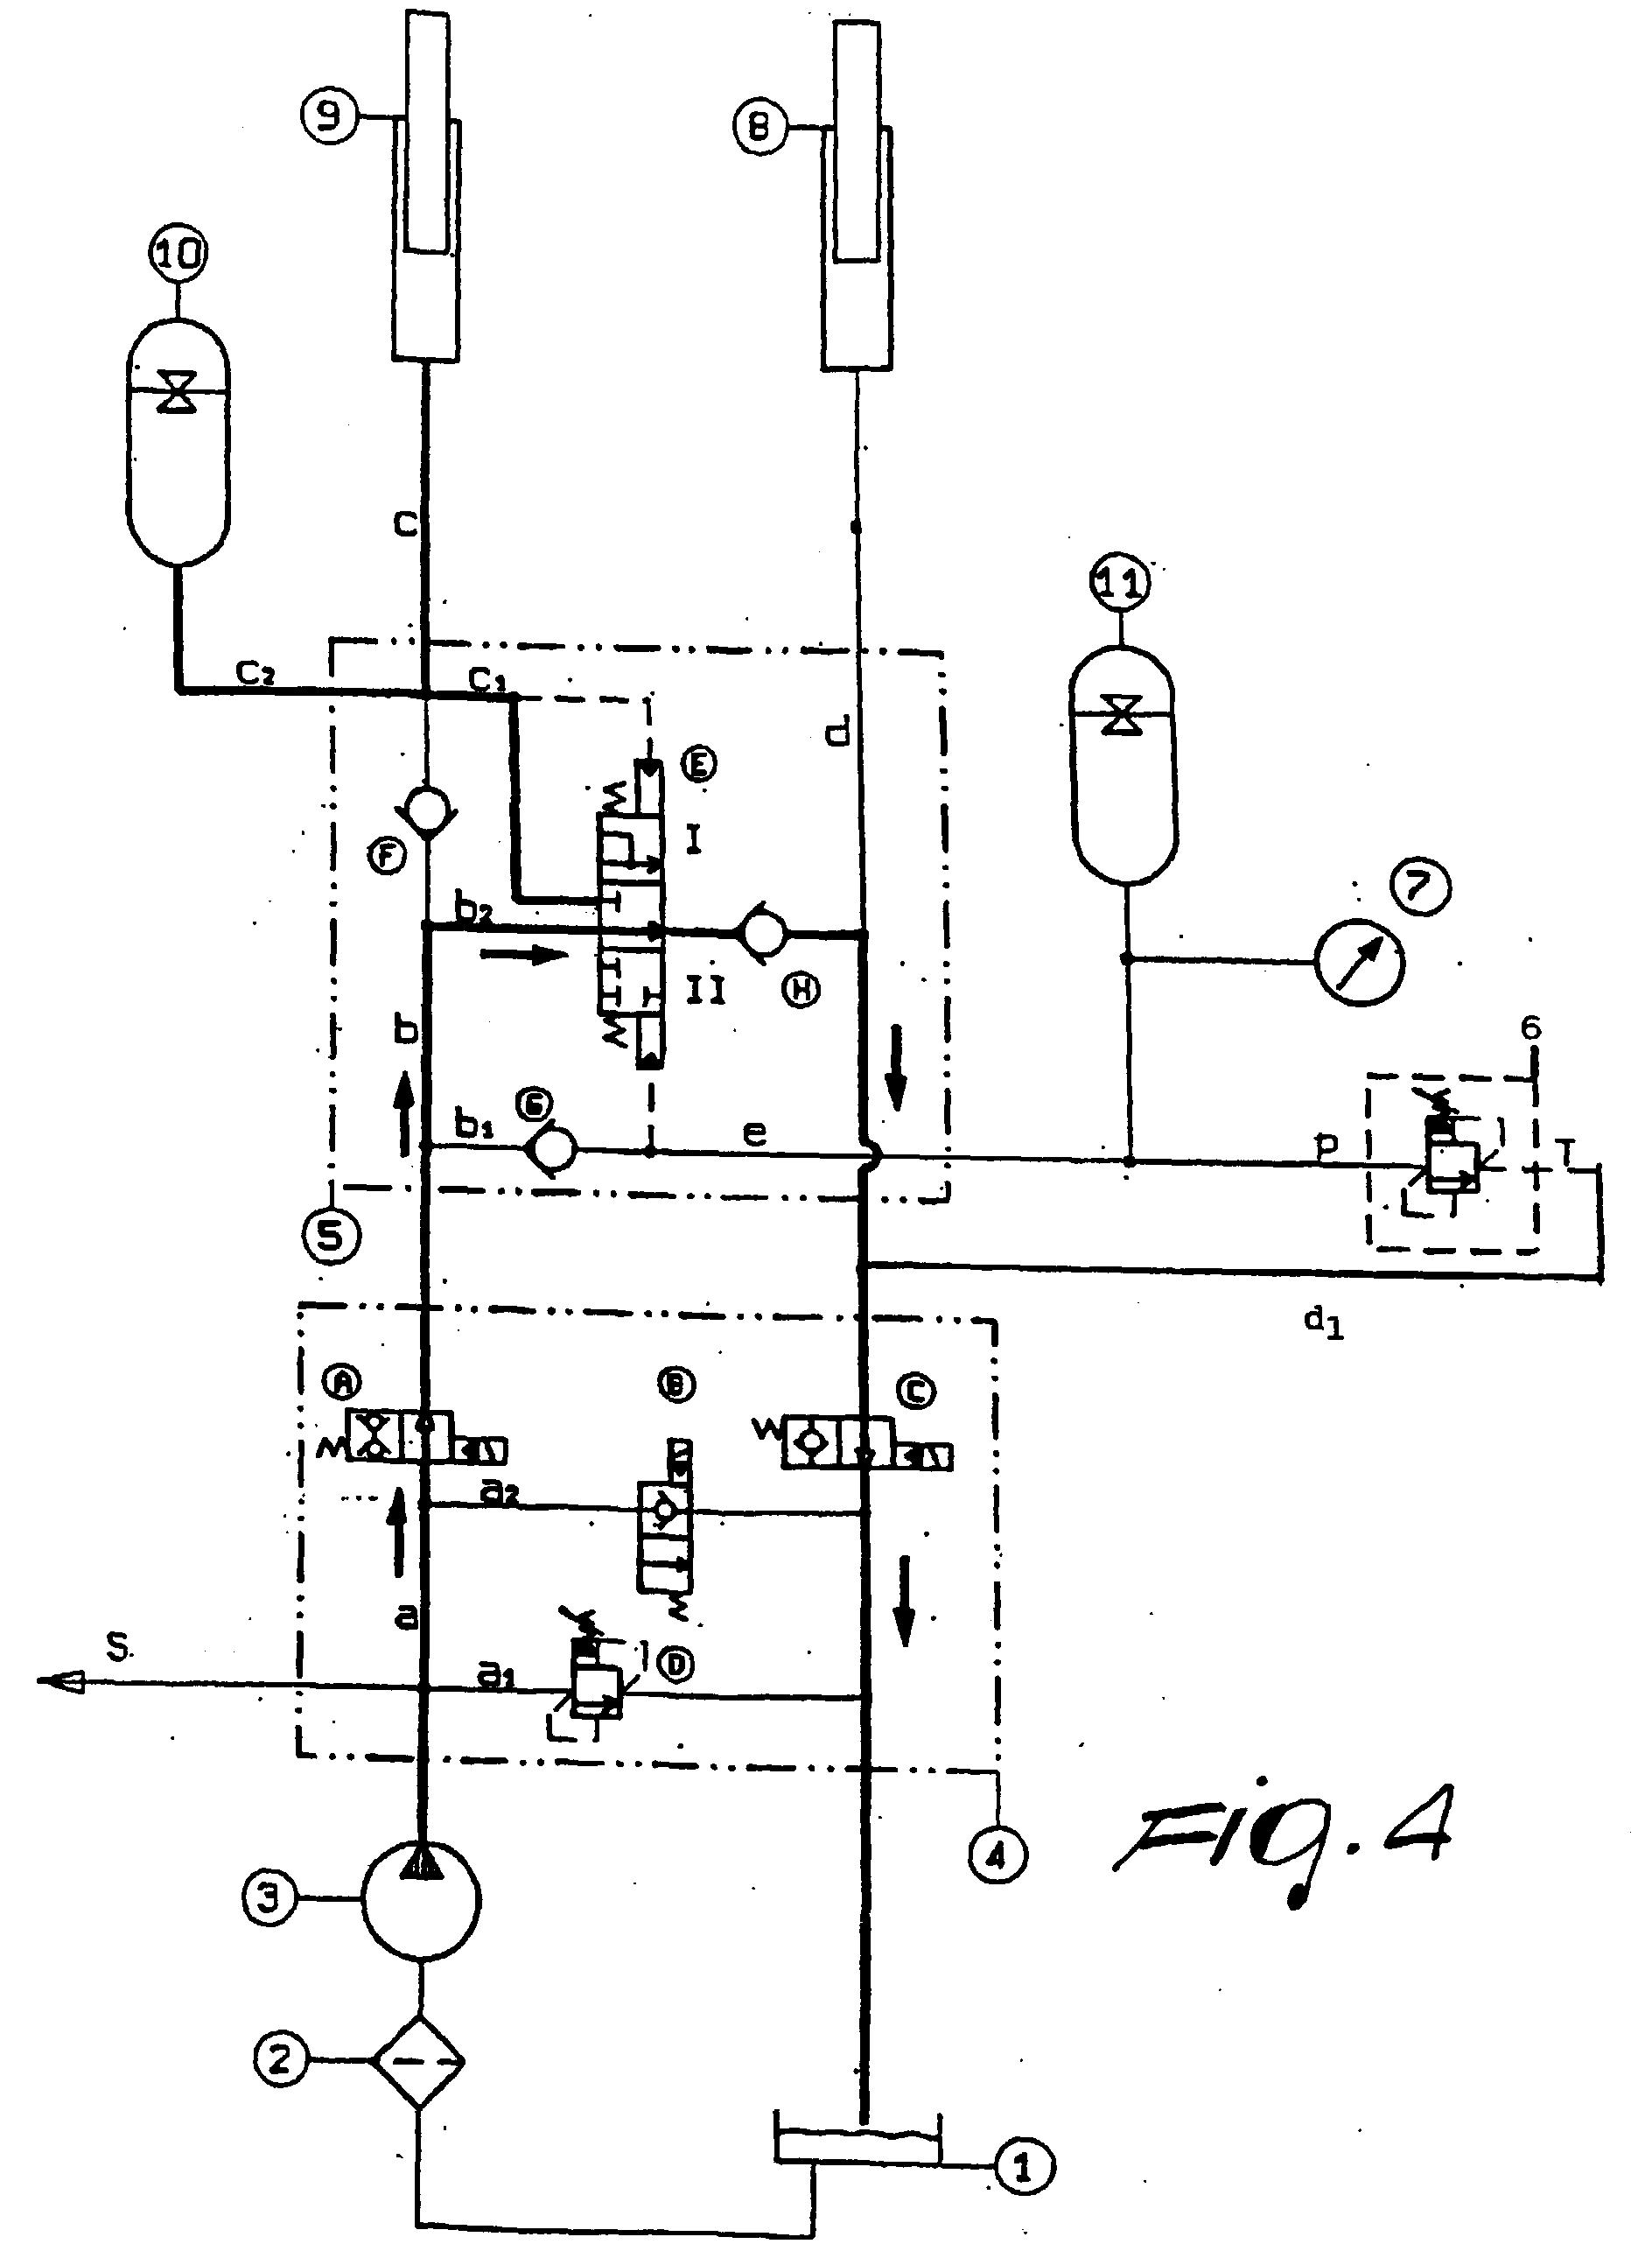 Ungewöhnlich Hydraulikkreis Bilder - Elektrische Schaltplan-Ideen ...